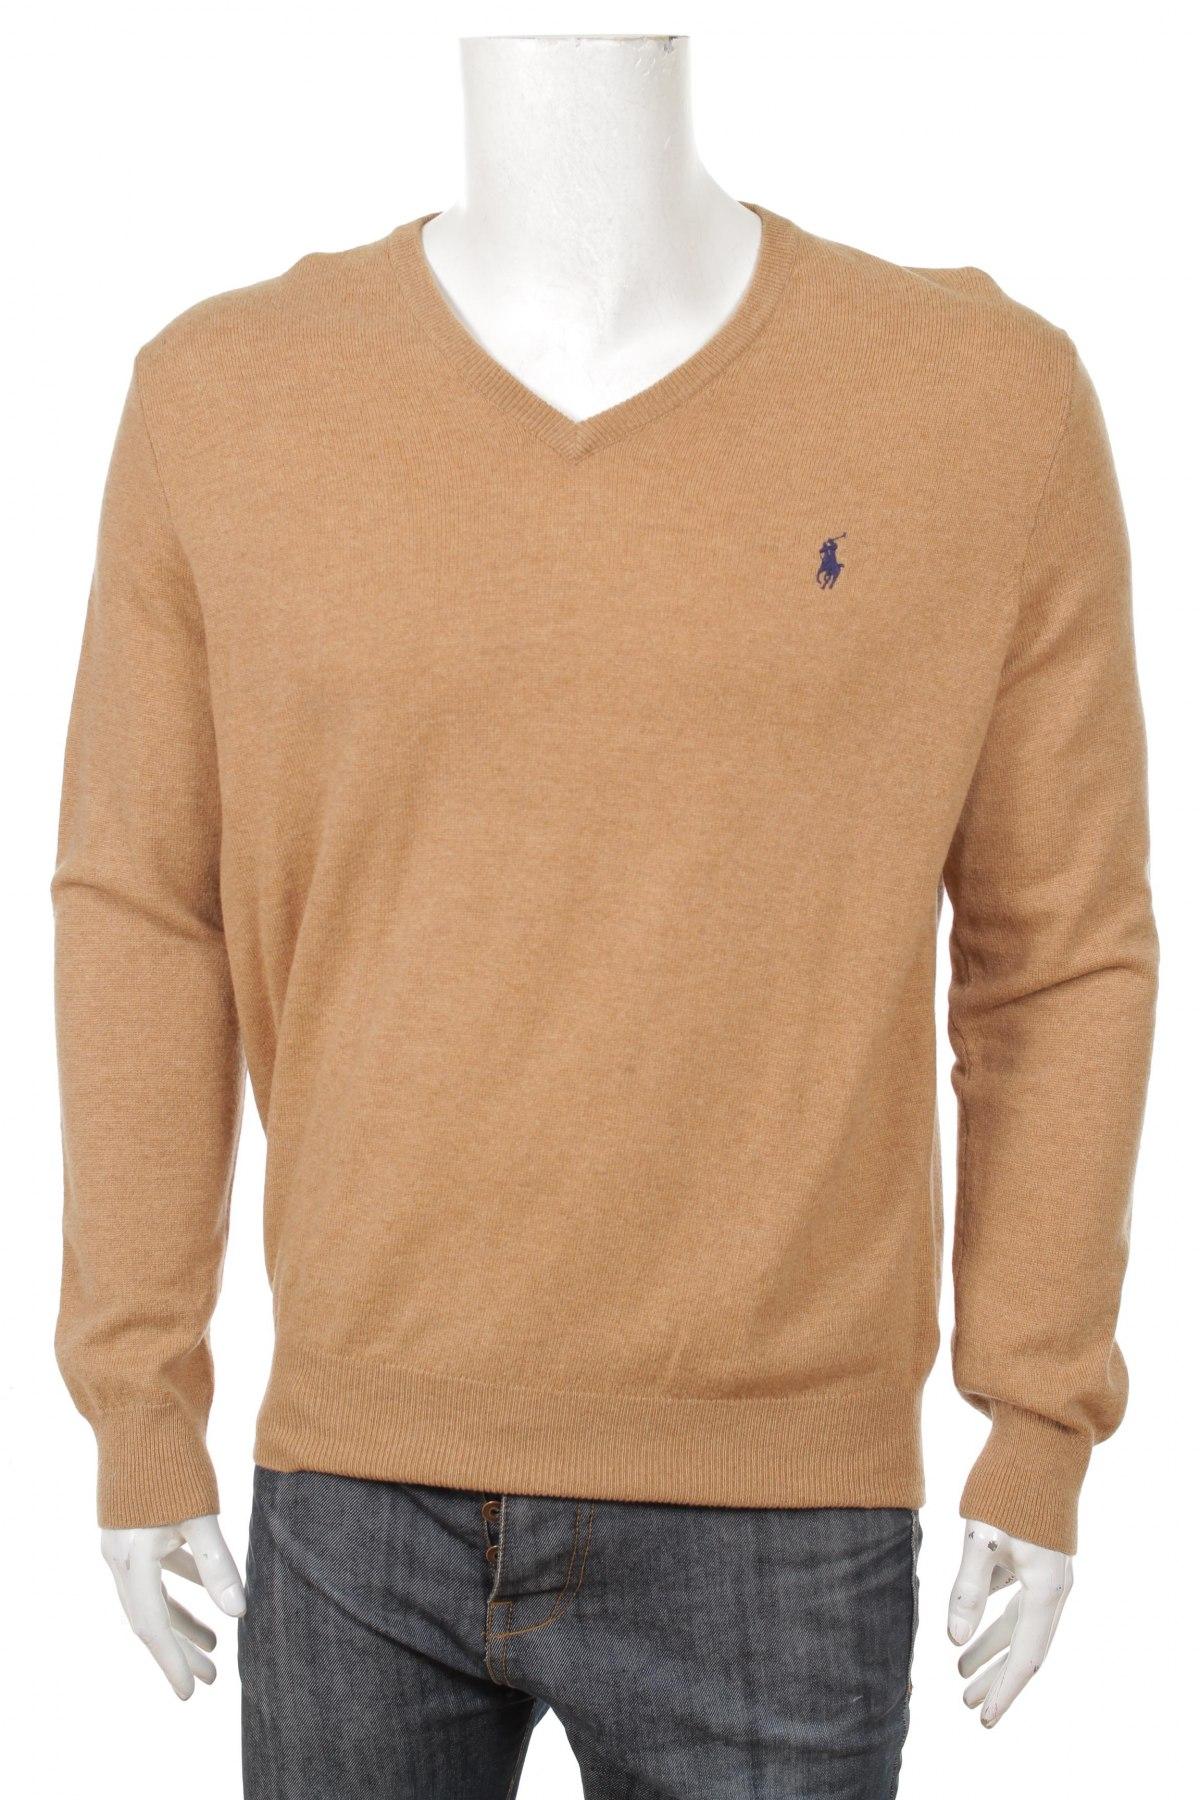 326f719edf Férfi pulóver Polo By Ralph Lauren - kedvező áron Remixben - #8469801